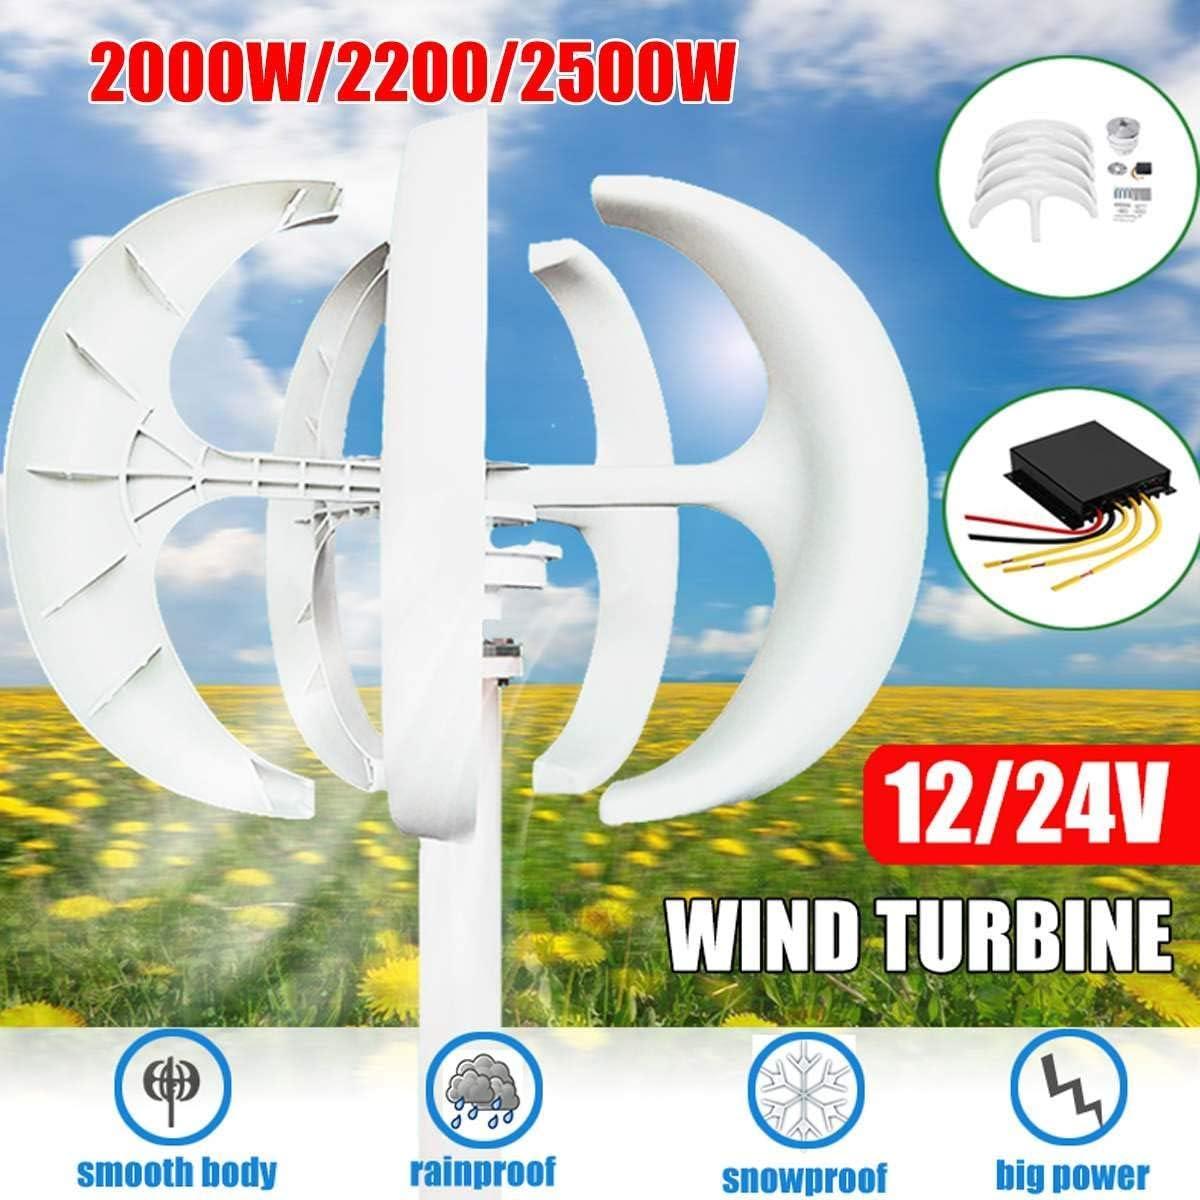 YUYUKUAILAI 2000/23000 W 12/24 V luz de señal de turbina eólica, 5-Blade Kit Motor, Eje Vertical con el Control para el alumbrado público casa, 12V, 2000W,24v,2500W